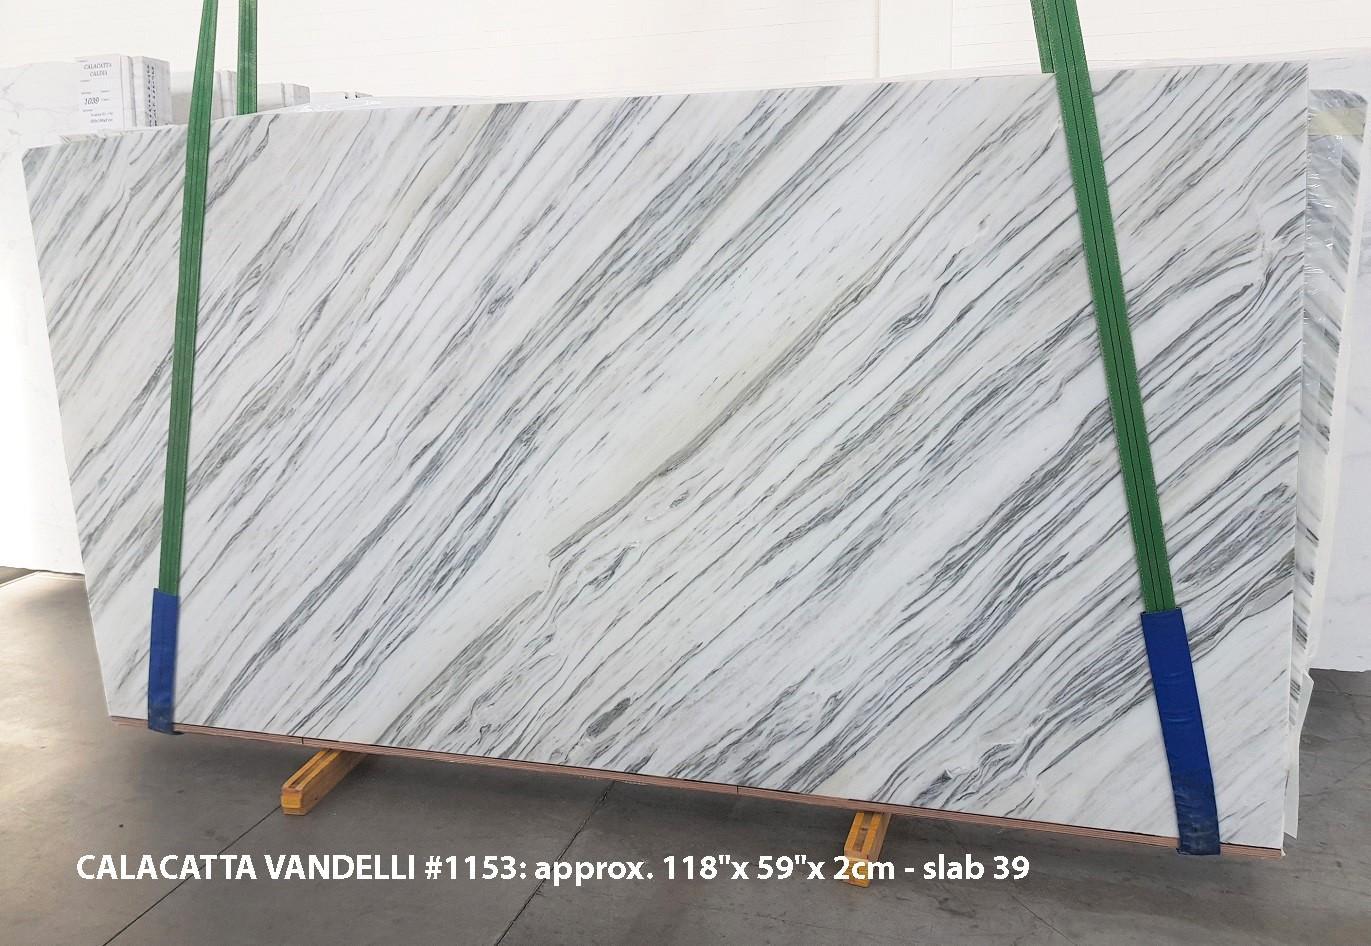 Calacatta Vandelli Fourniture Veneto (Italie) d' dalles brillantes en marbre naturel 1153 , Slab #39